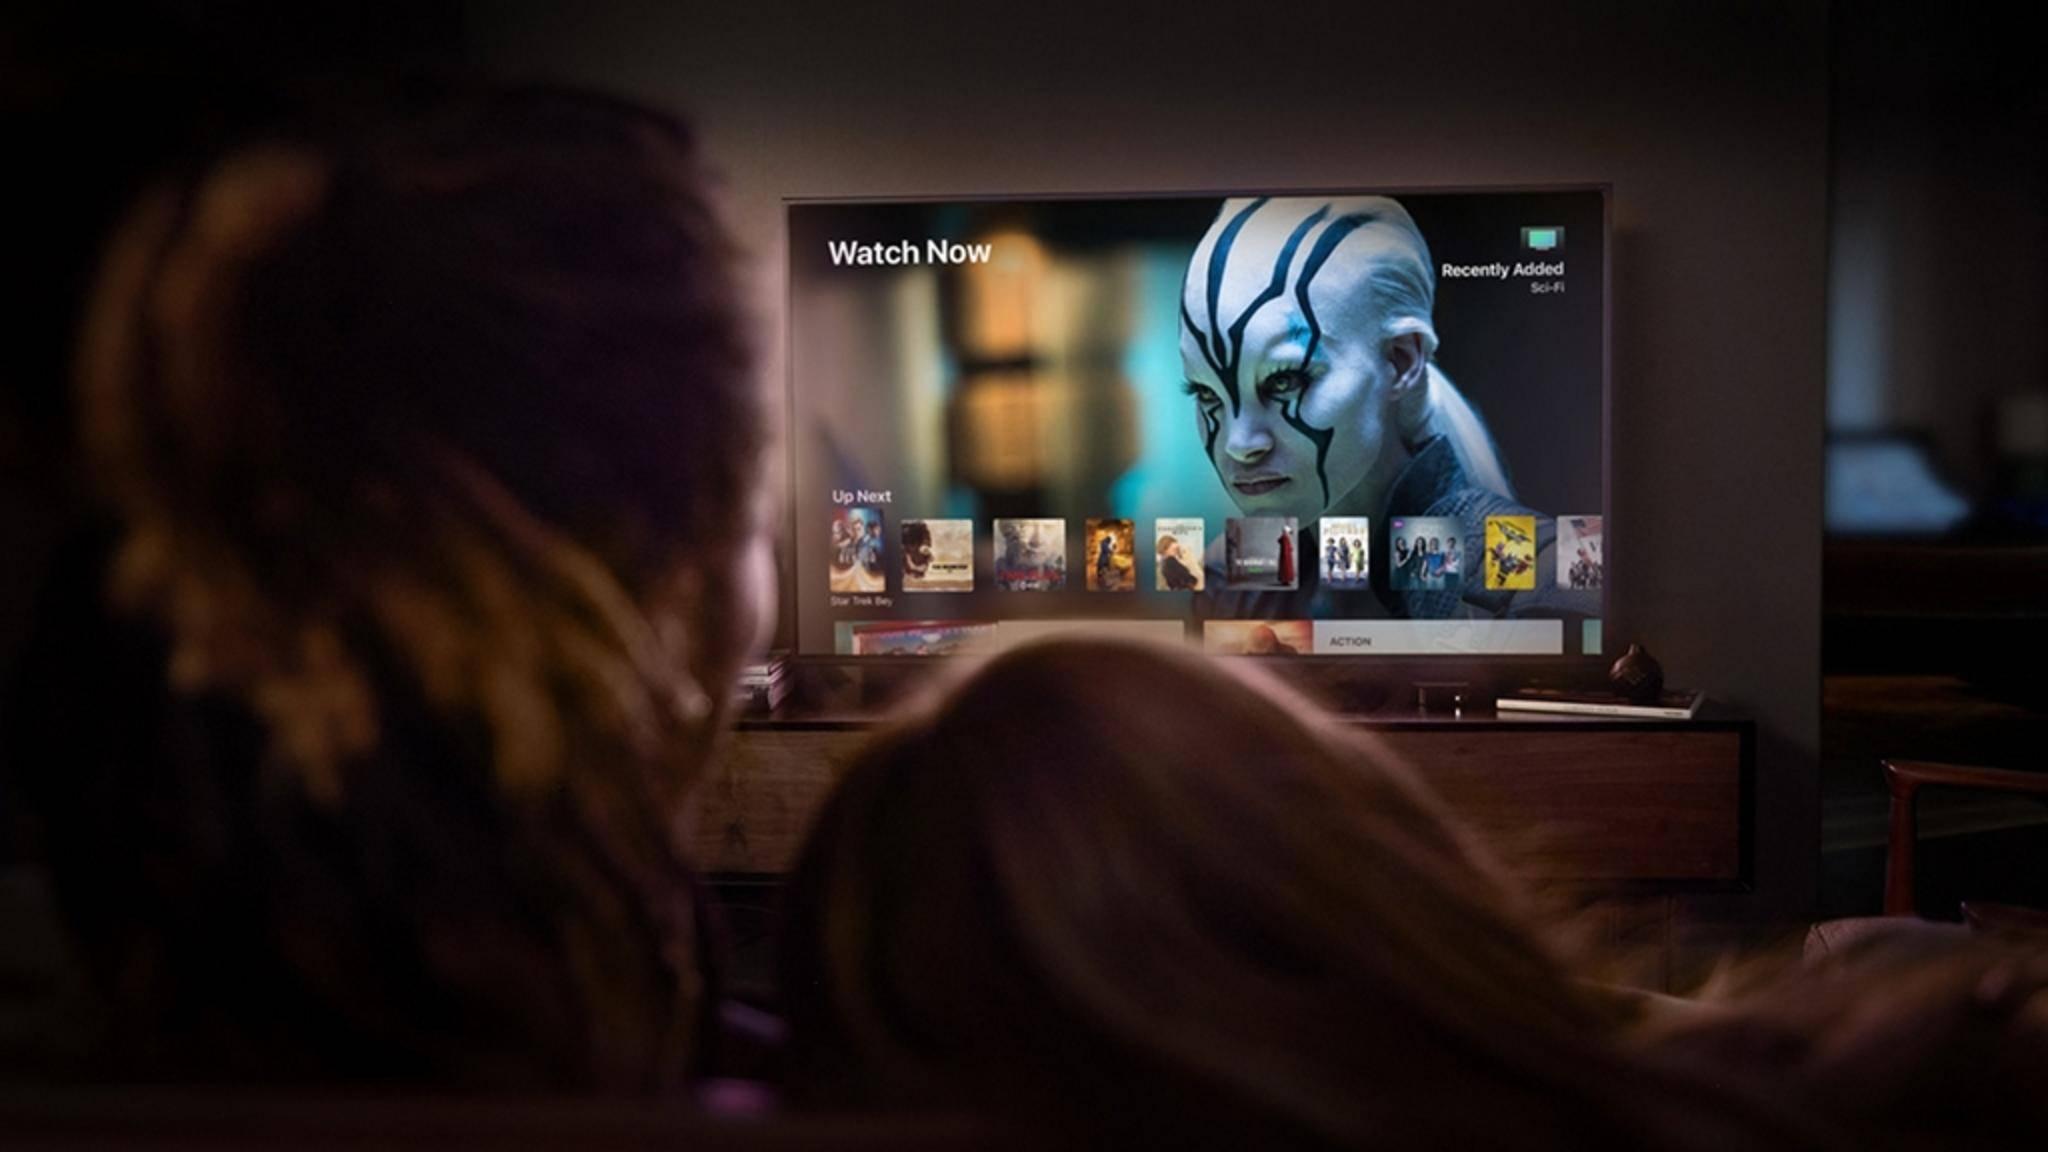 Besitzer eines Apple TVs müssen sich noch gedulden, bis Amazon Prime Video endlich verfügbar ist.